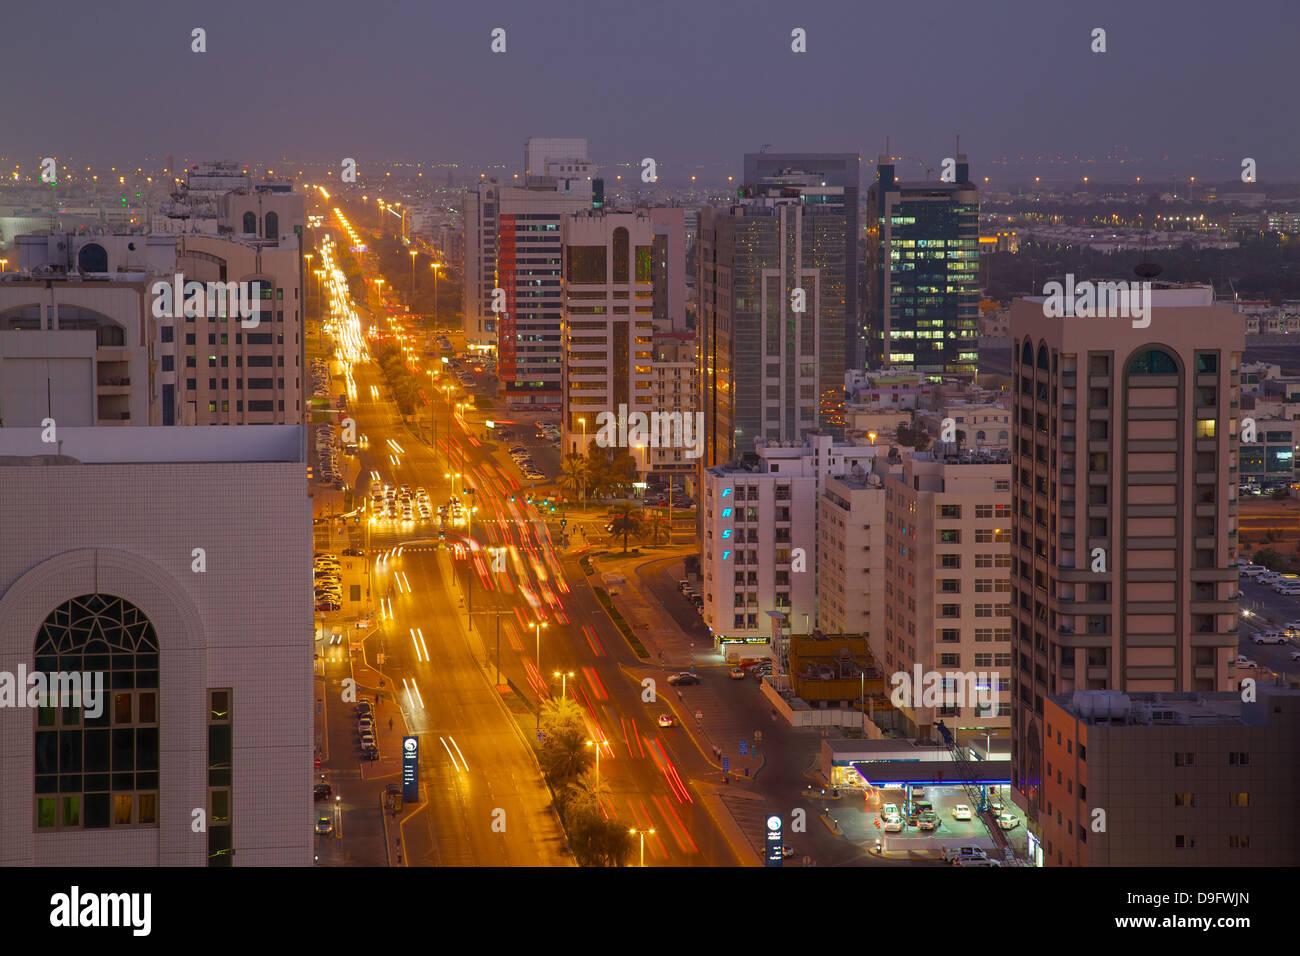 Ciudad y Rashid Bin Saeed Al Maktoum Street al anochecer, Abu Dhabi, Emiratos Árabes Unidos, Oriente Medio Imagen De Stock